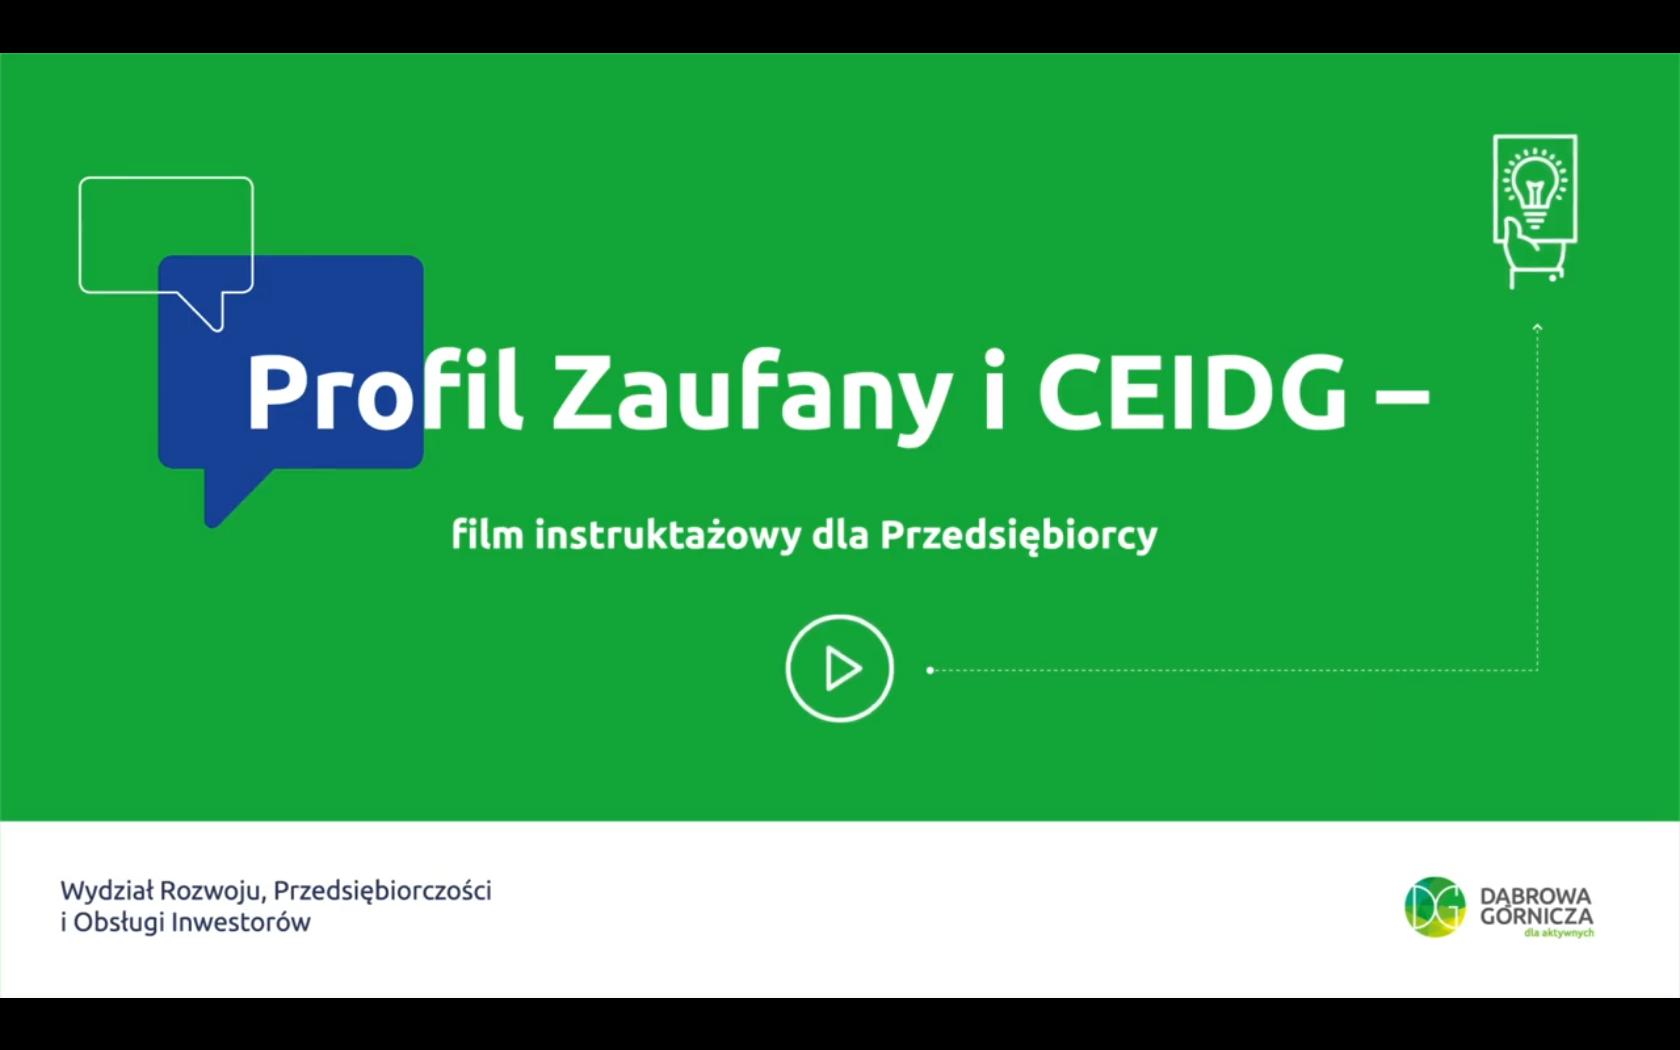 Profil zaufany i CEIDG - film instruktażowy